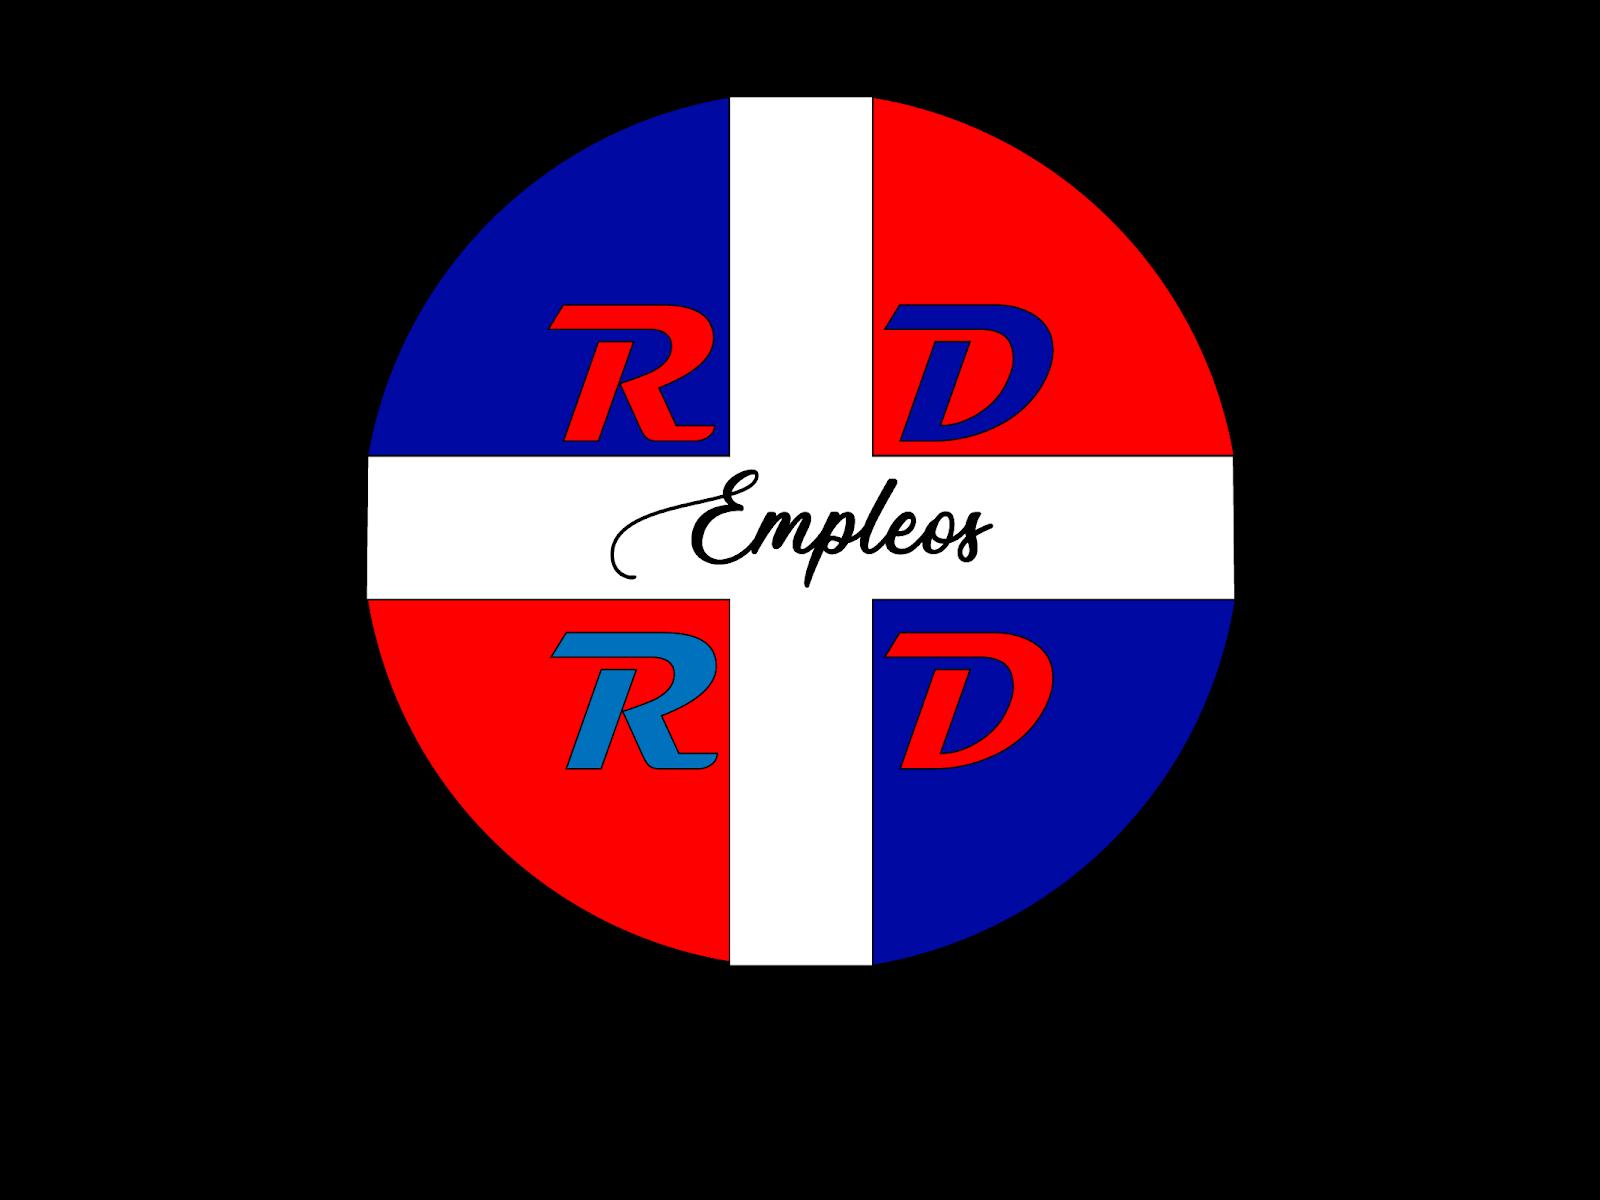 RD Empleos RD